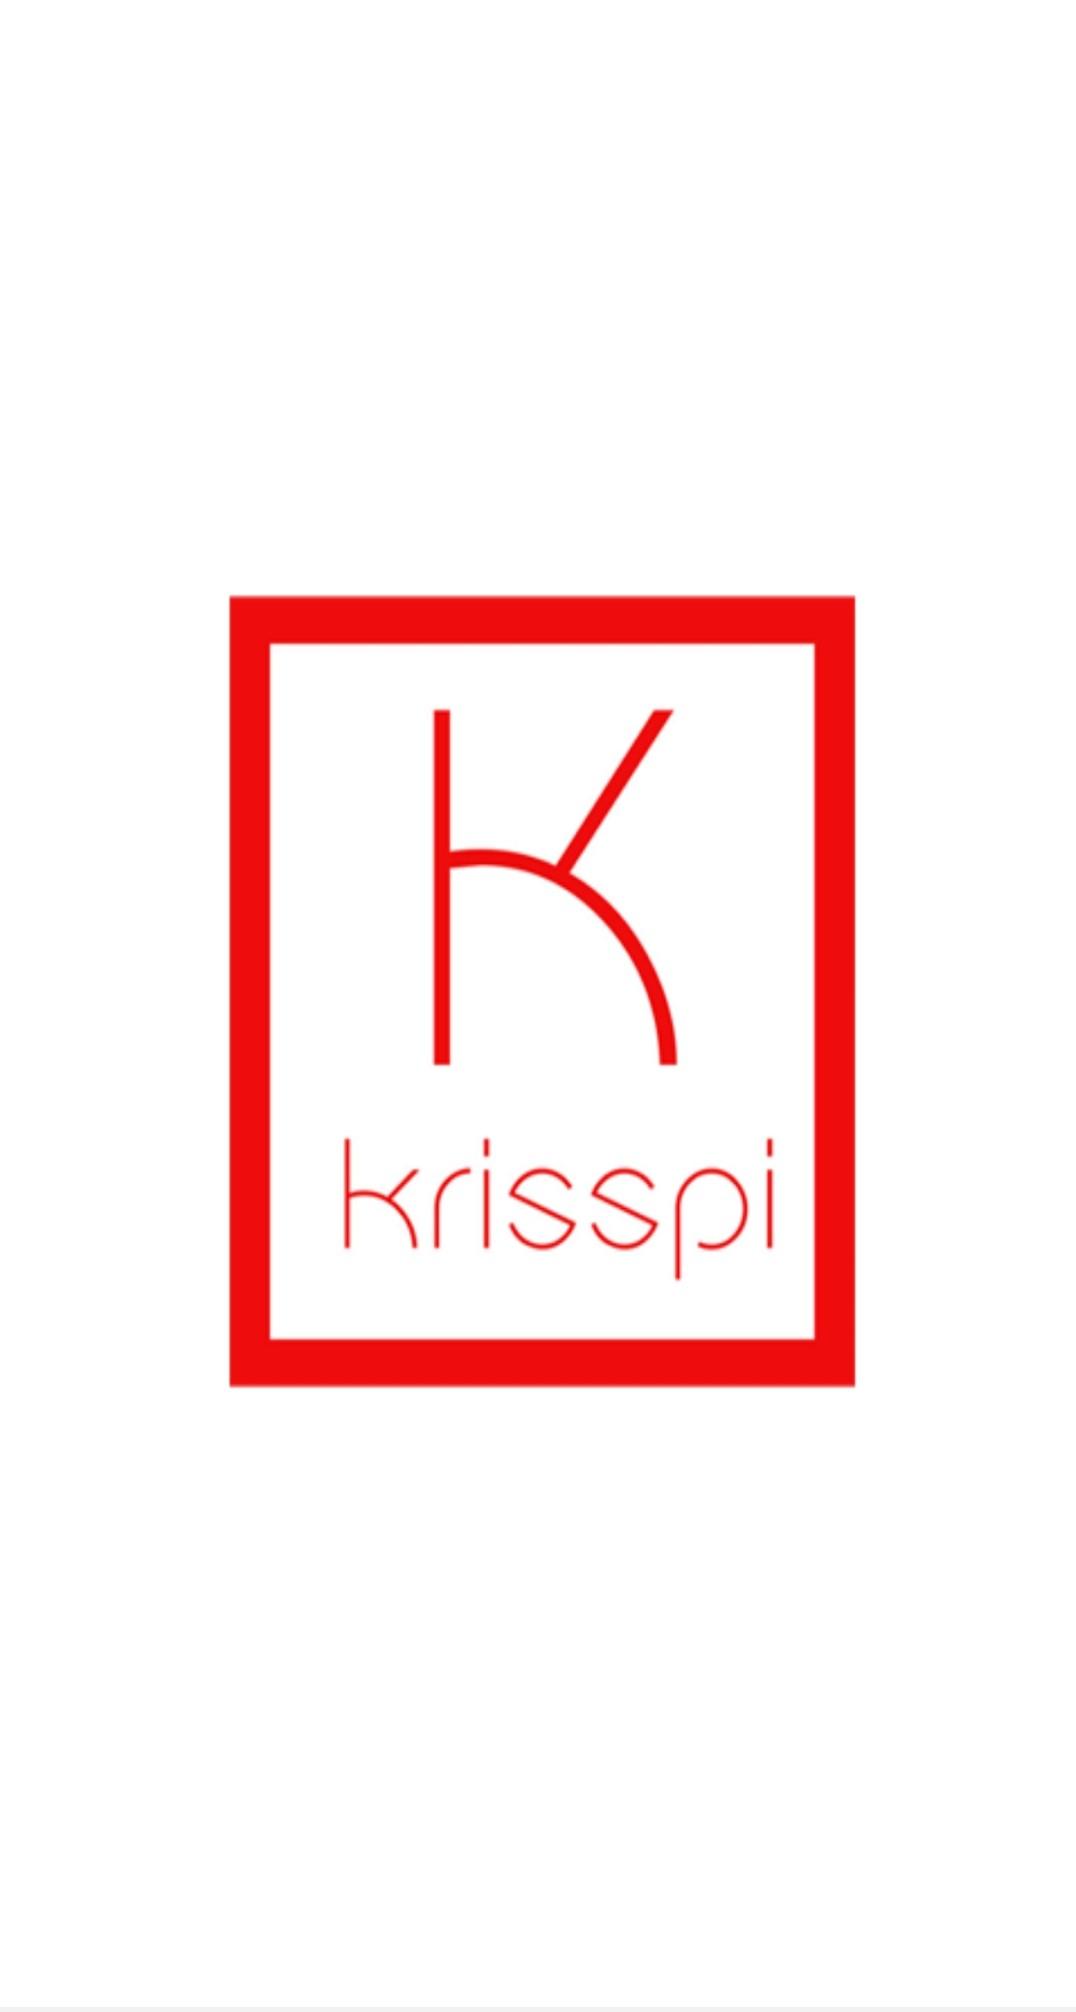 Krisspi  Inc